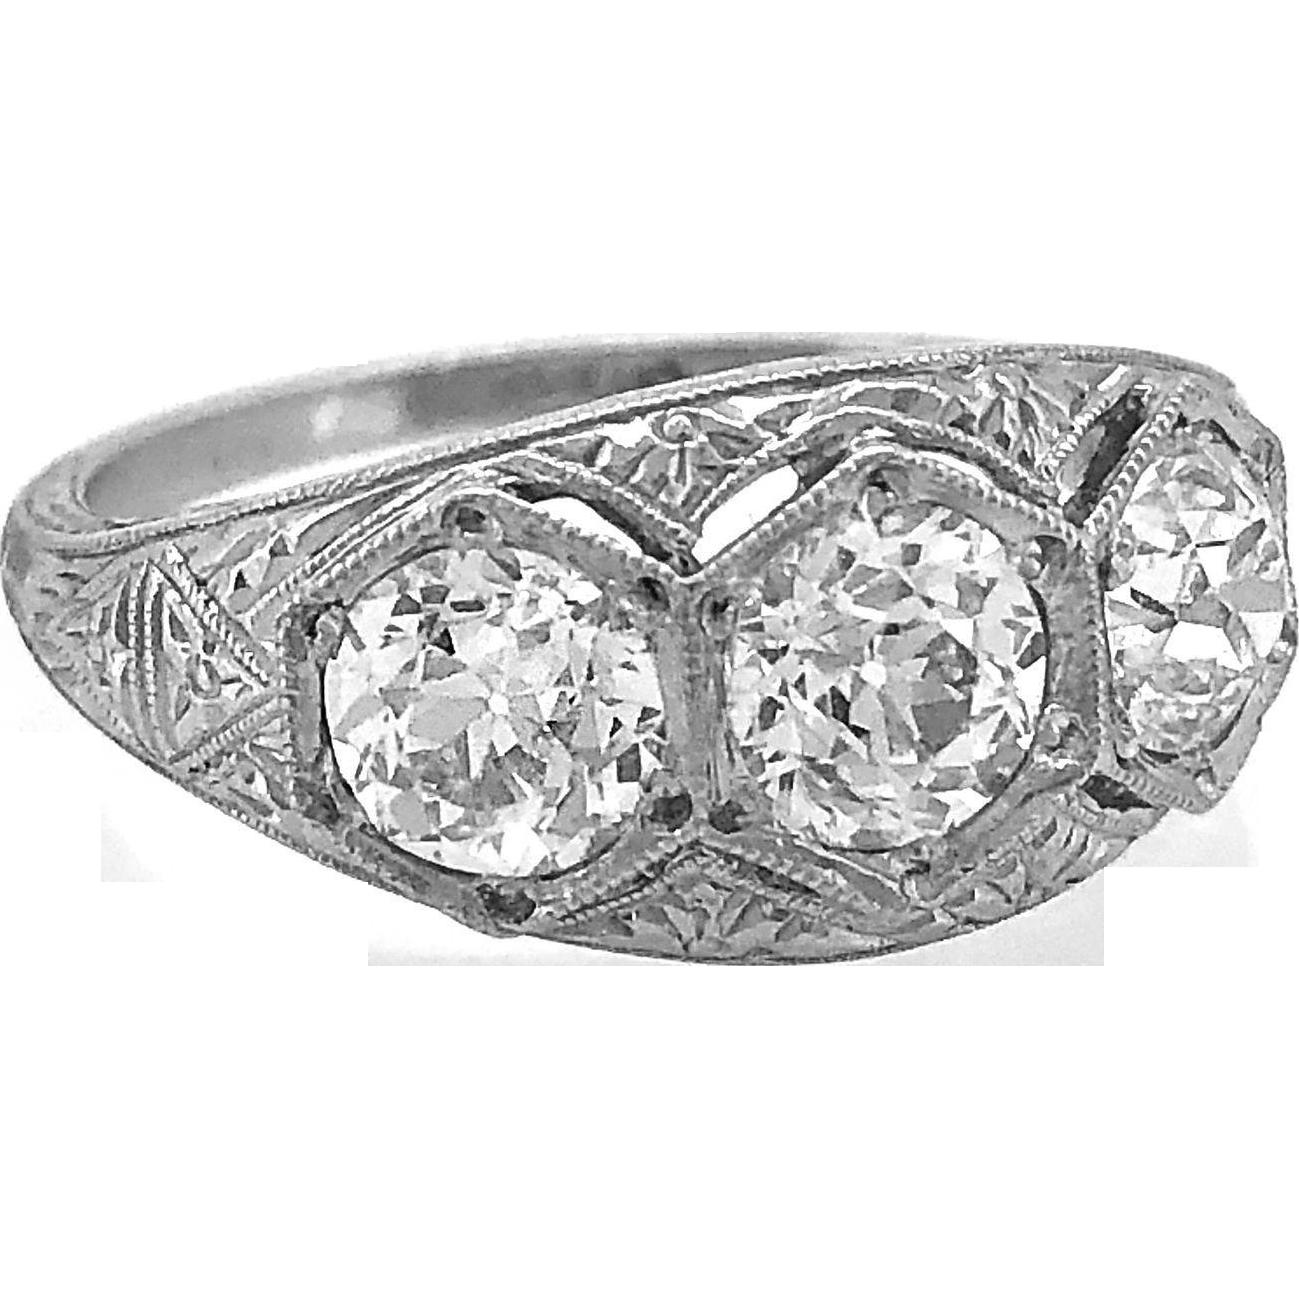 Diamond 3-stone Antique Engagement Ring 1.85ct. T.W. Art Deco Platinum